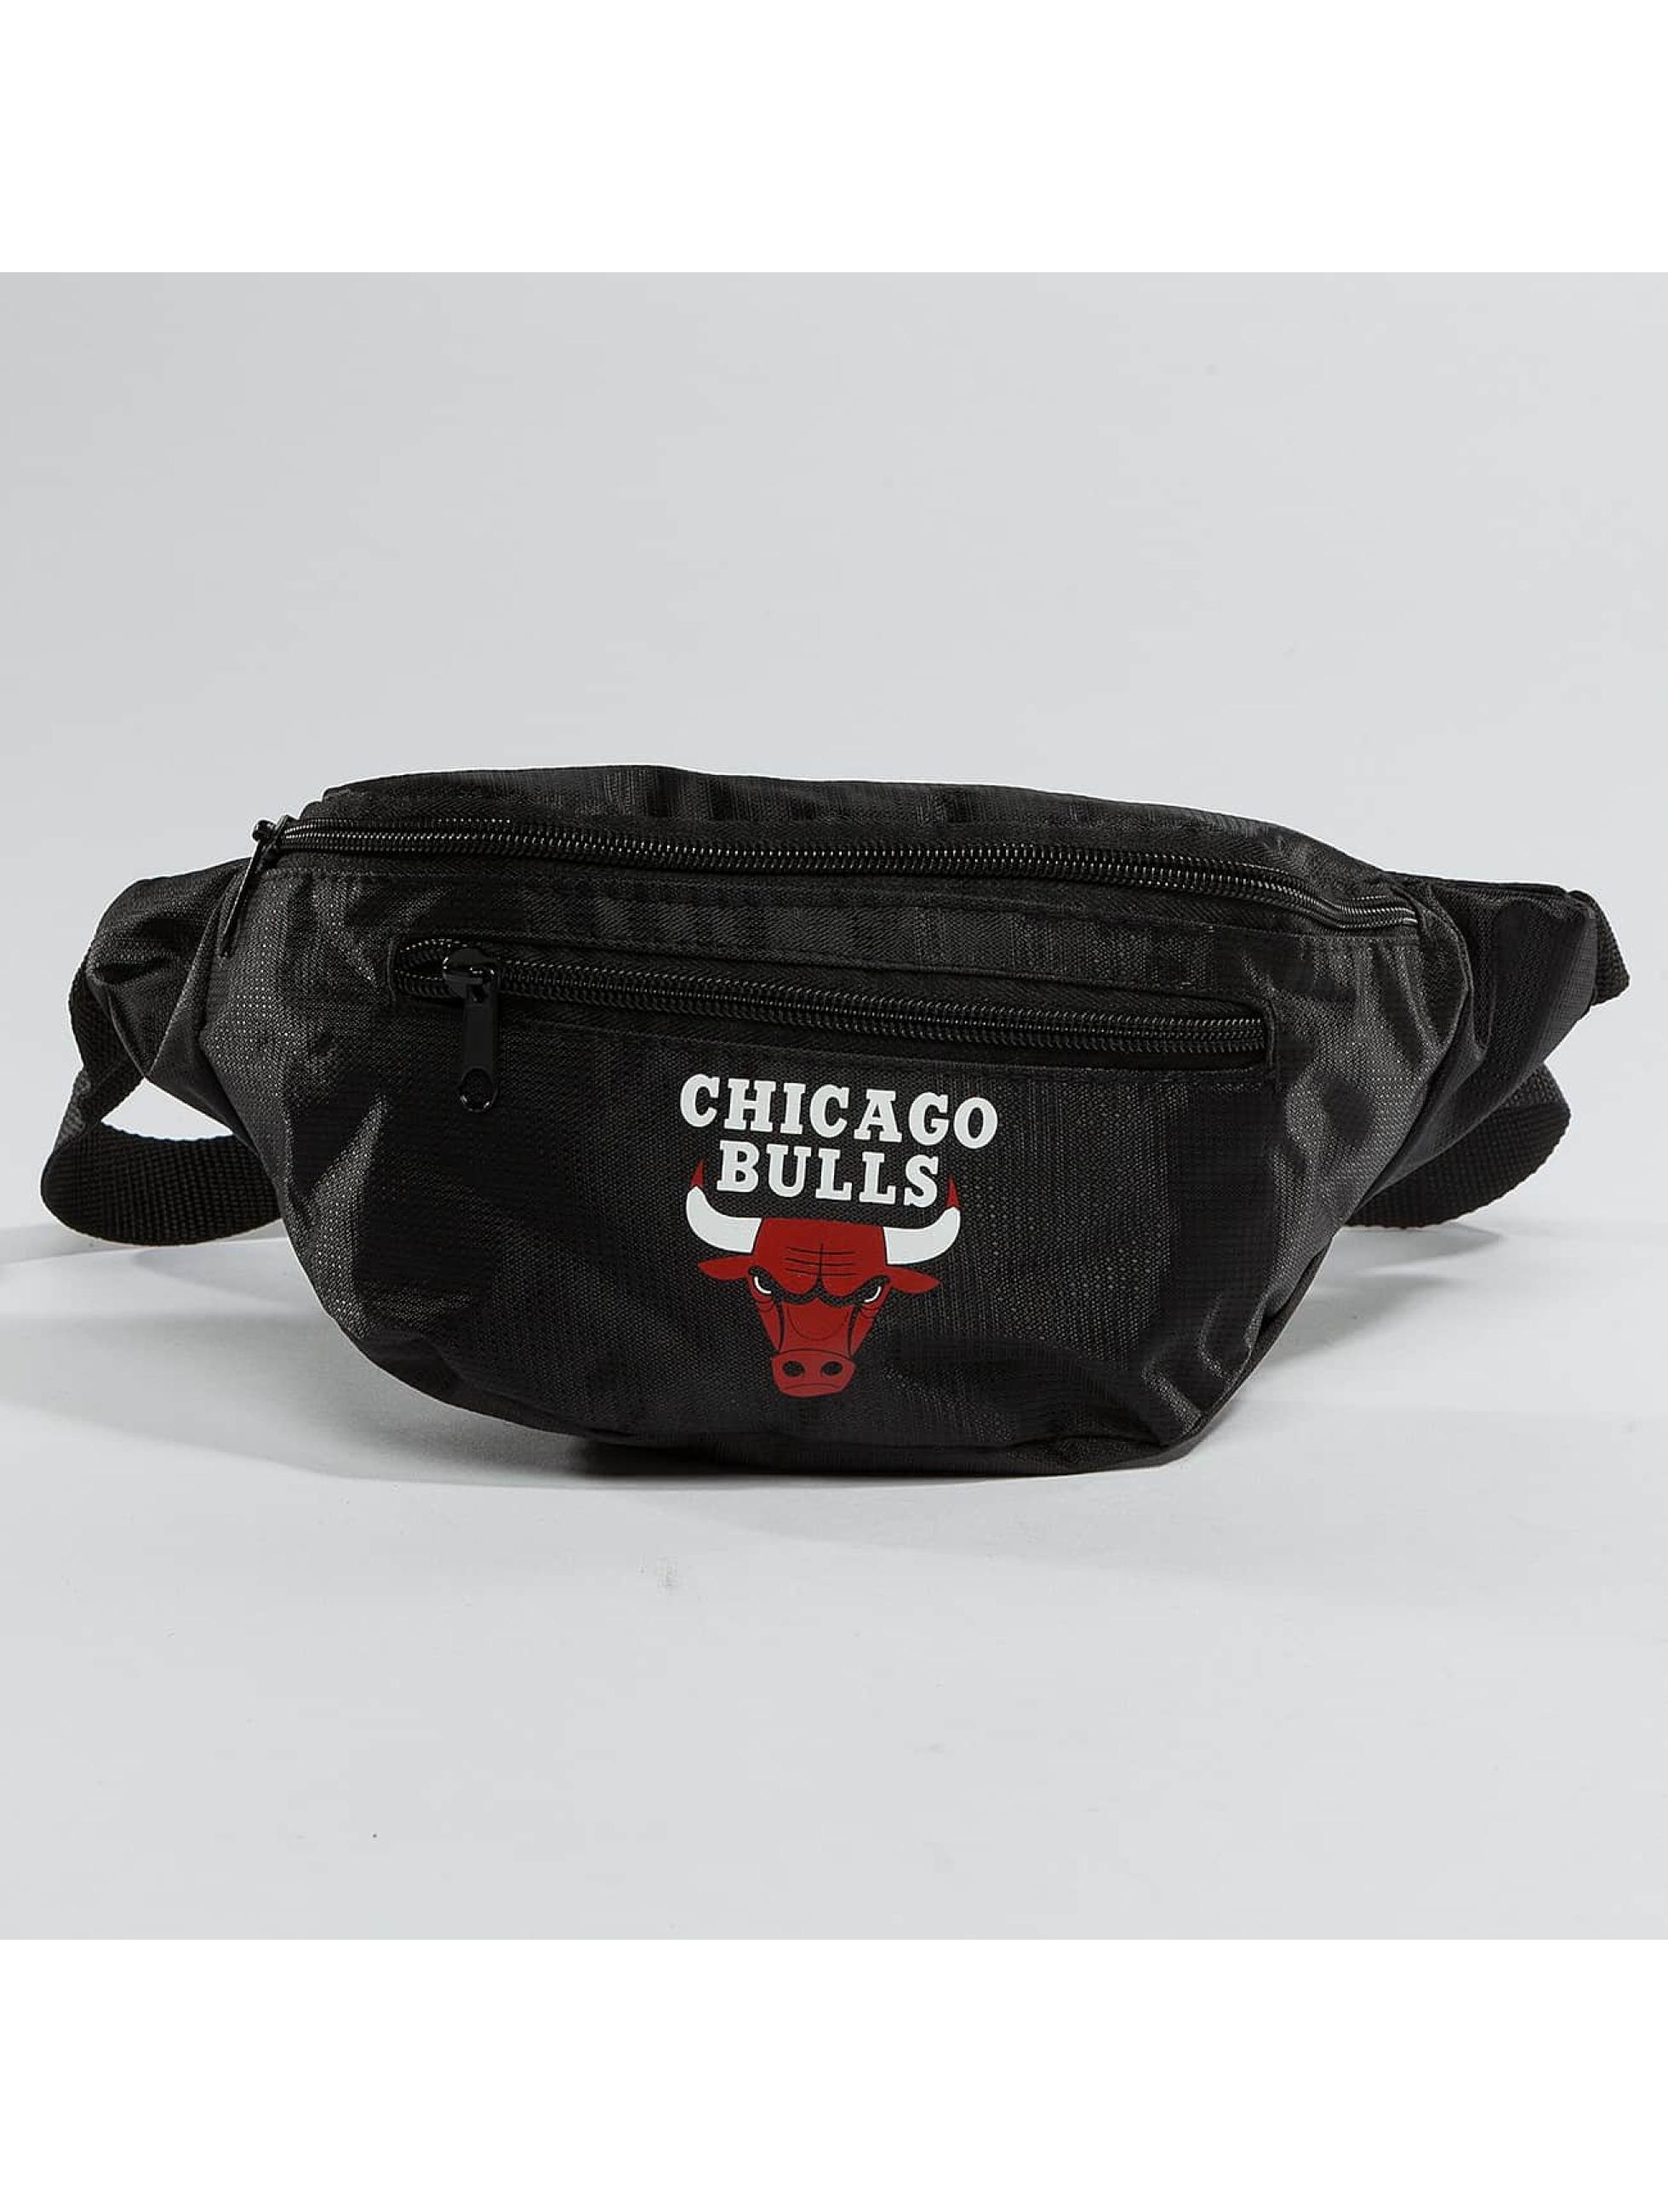 Forever Collectibles Sac NBA Chicago Bulls noir